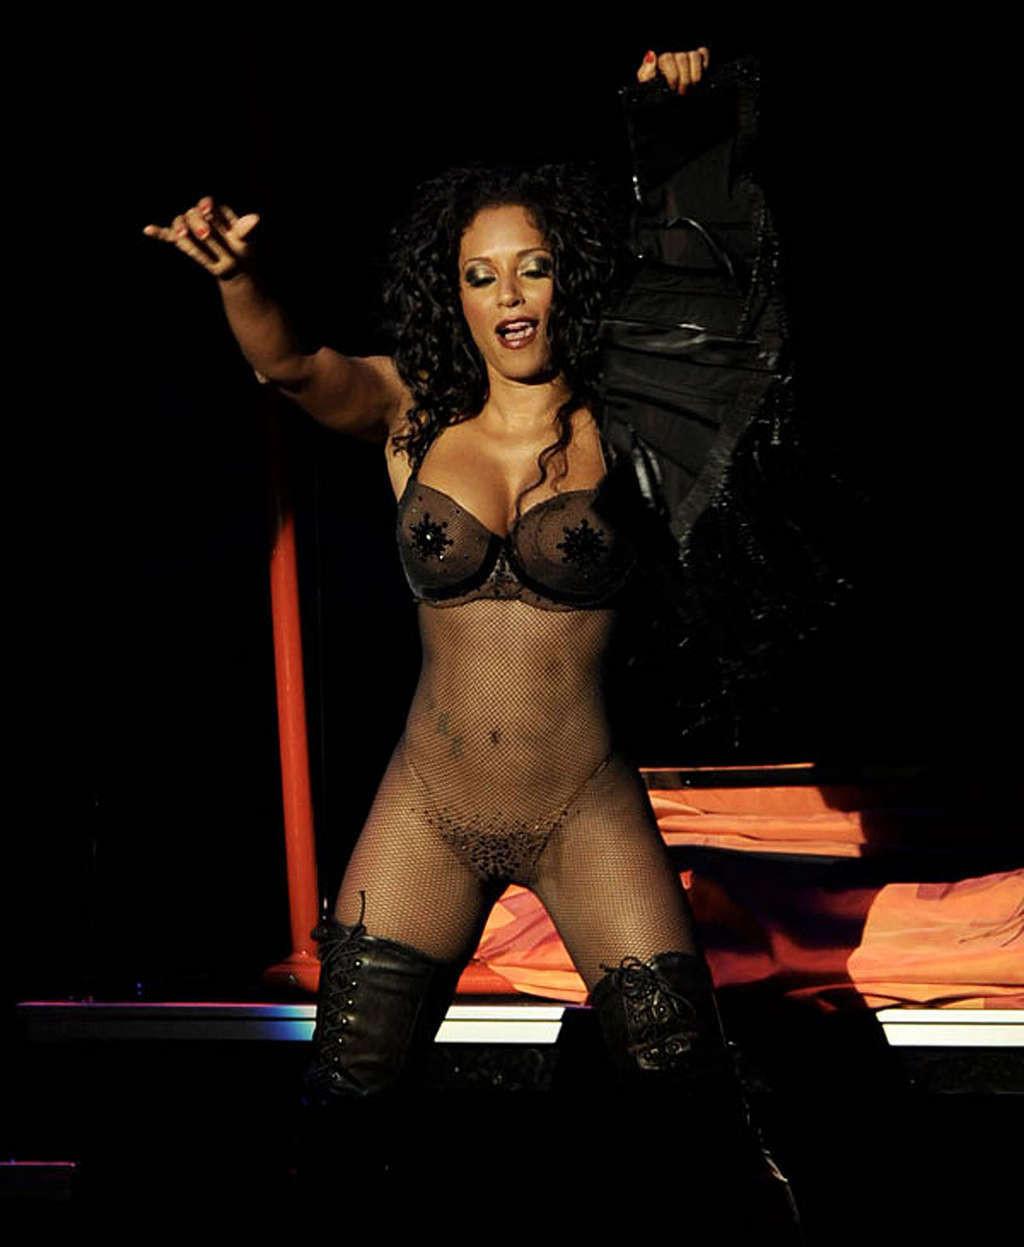 Melanie brown real nude